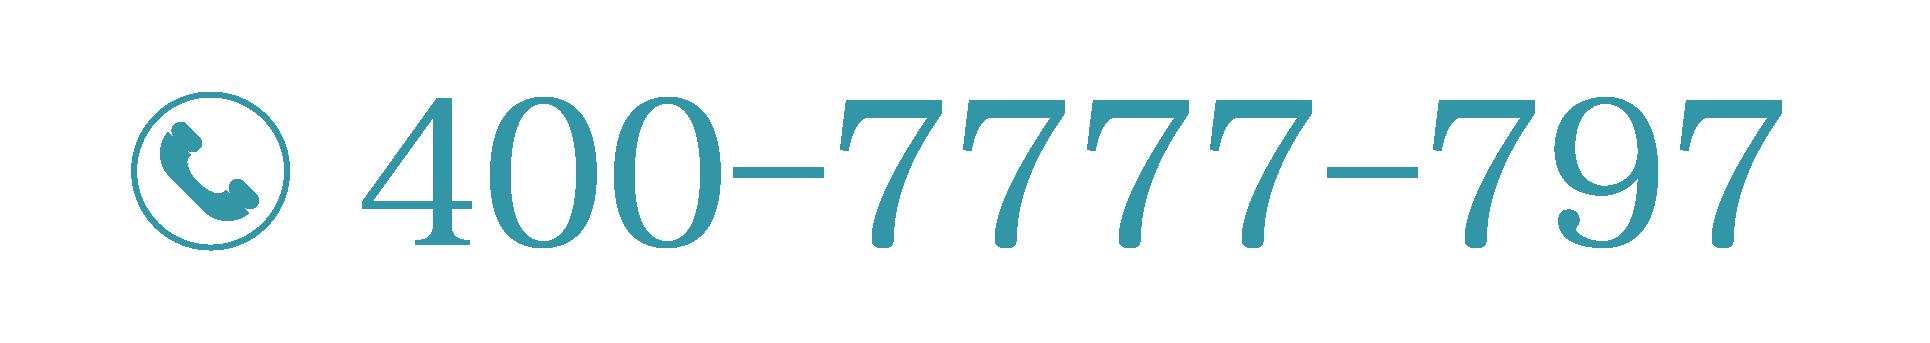 海鲜焖面加盟免费热线电话